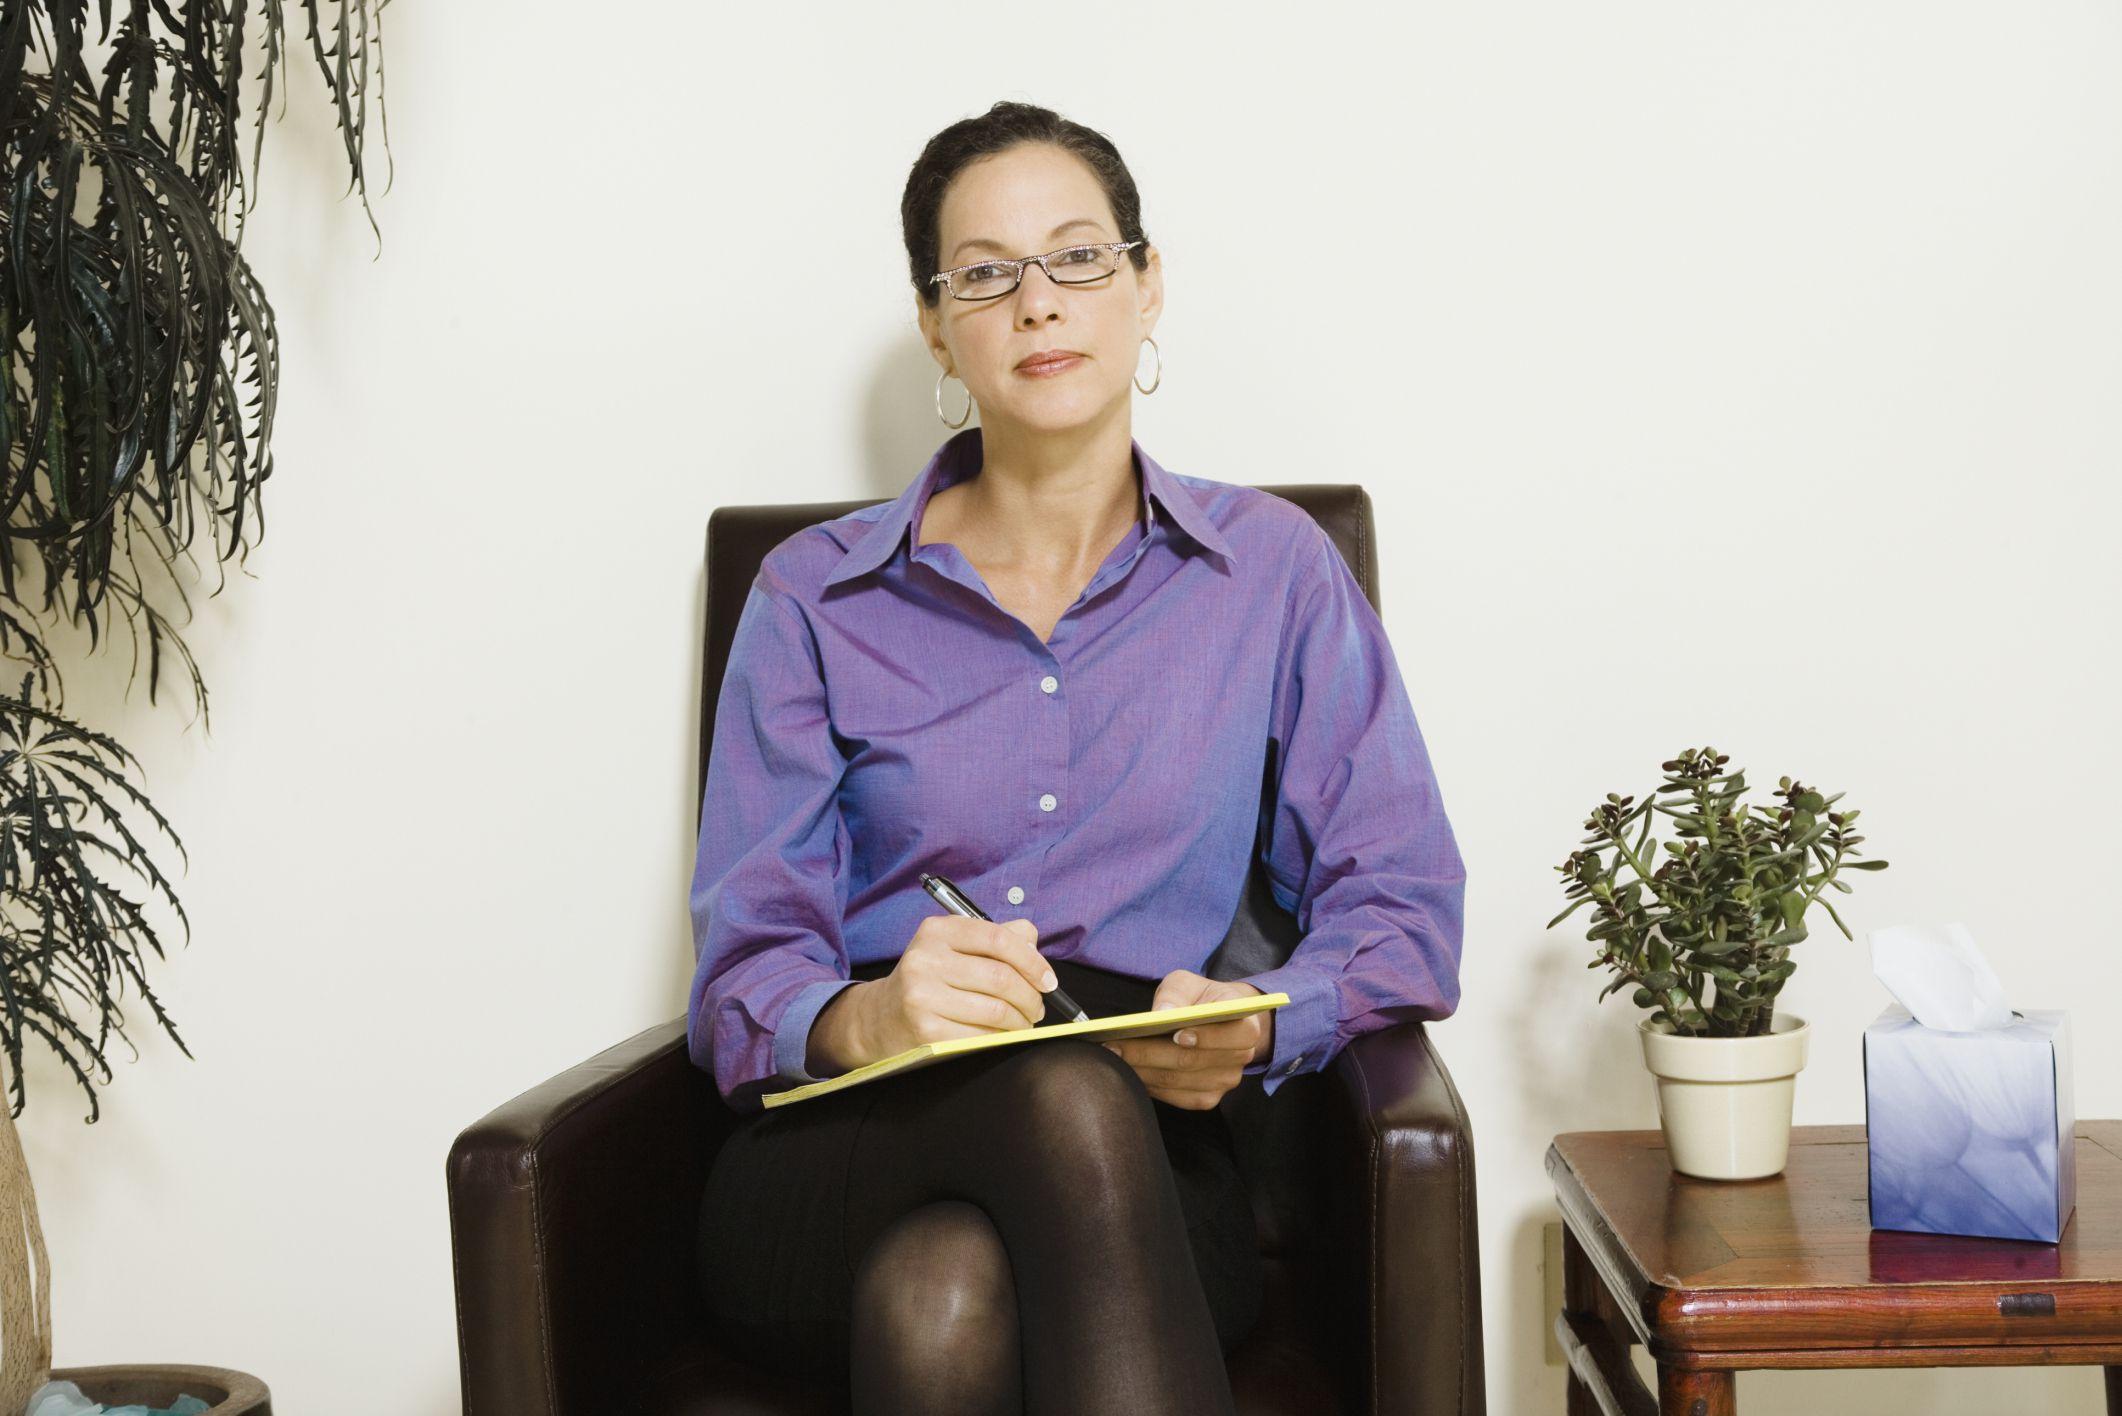 psychiatrist careers: job overview, training, duties